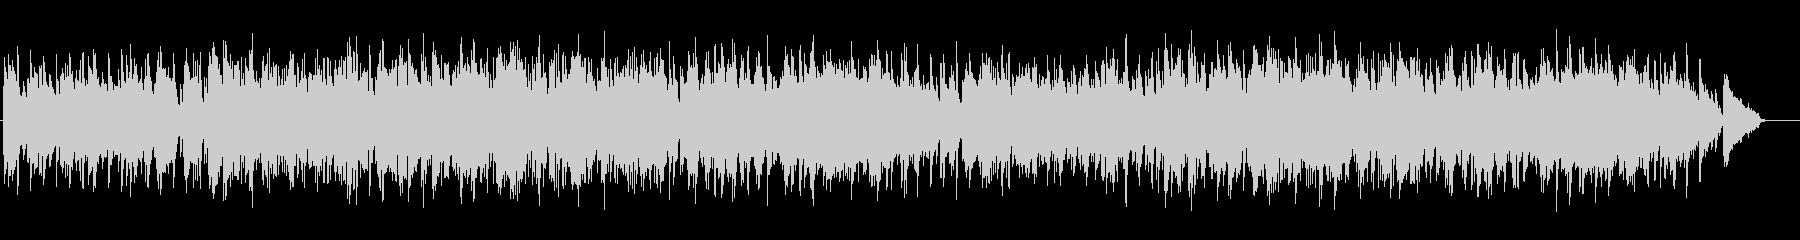 ジャズ風の優雅なBGM(フルサイズ)の未再生の波形